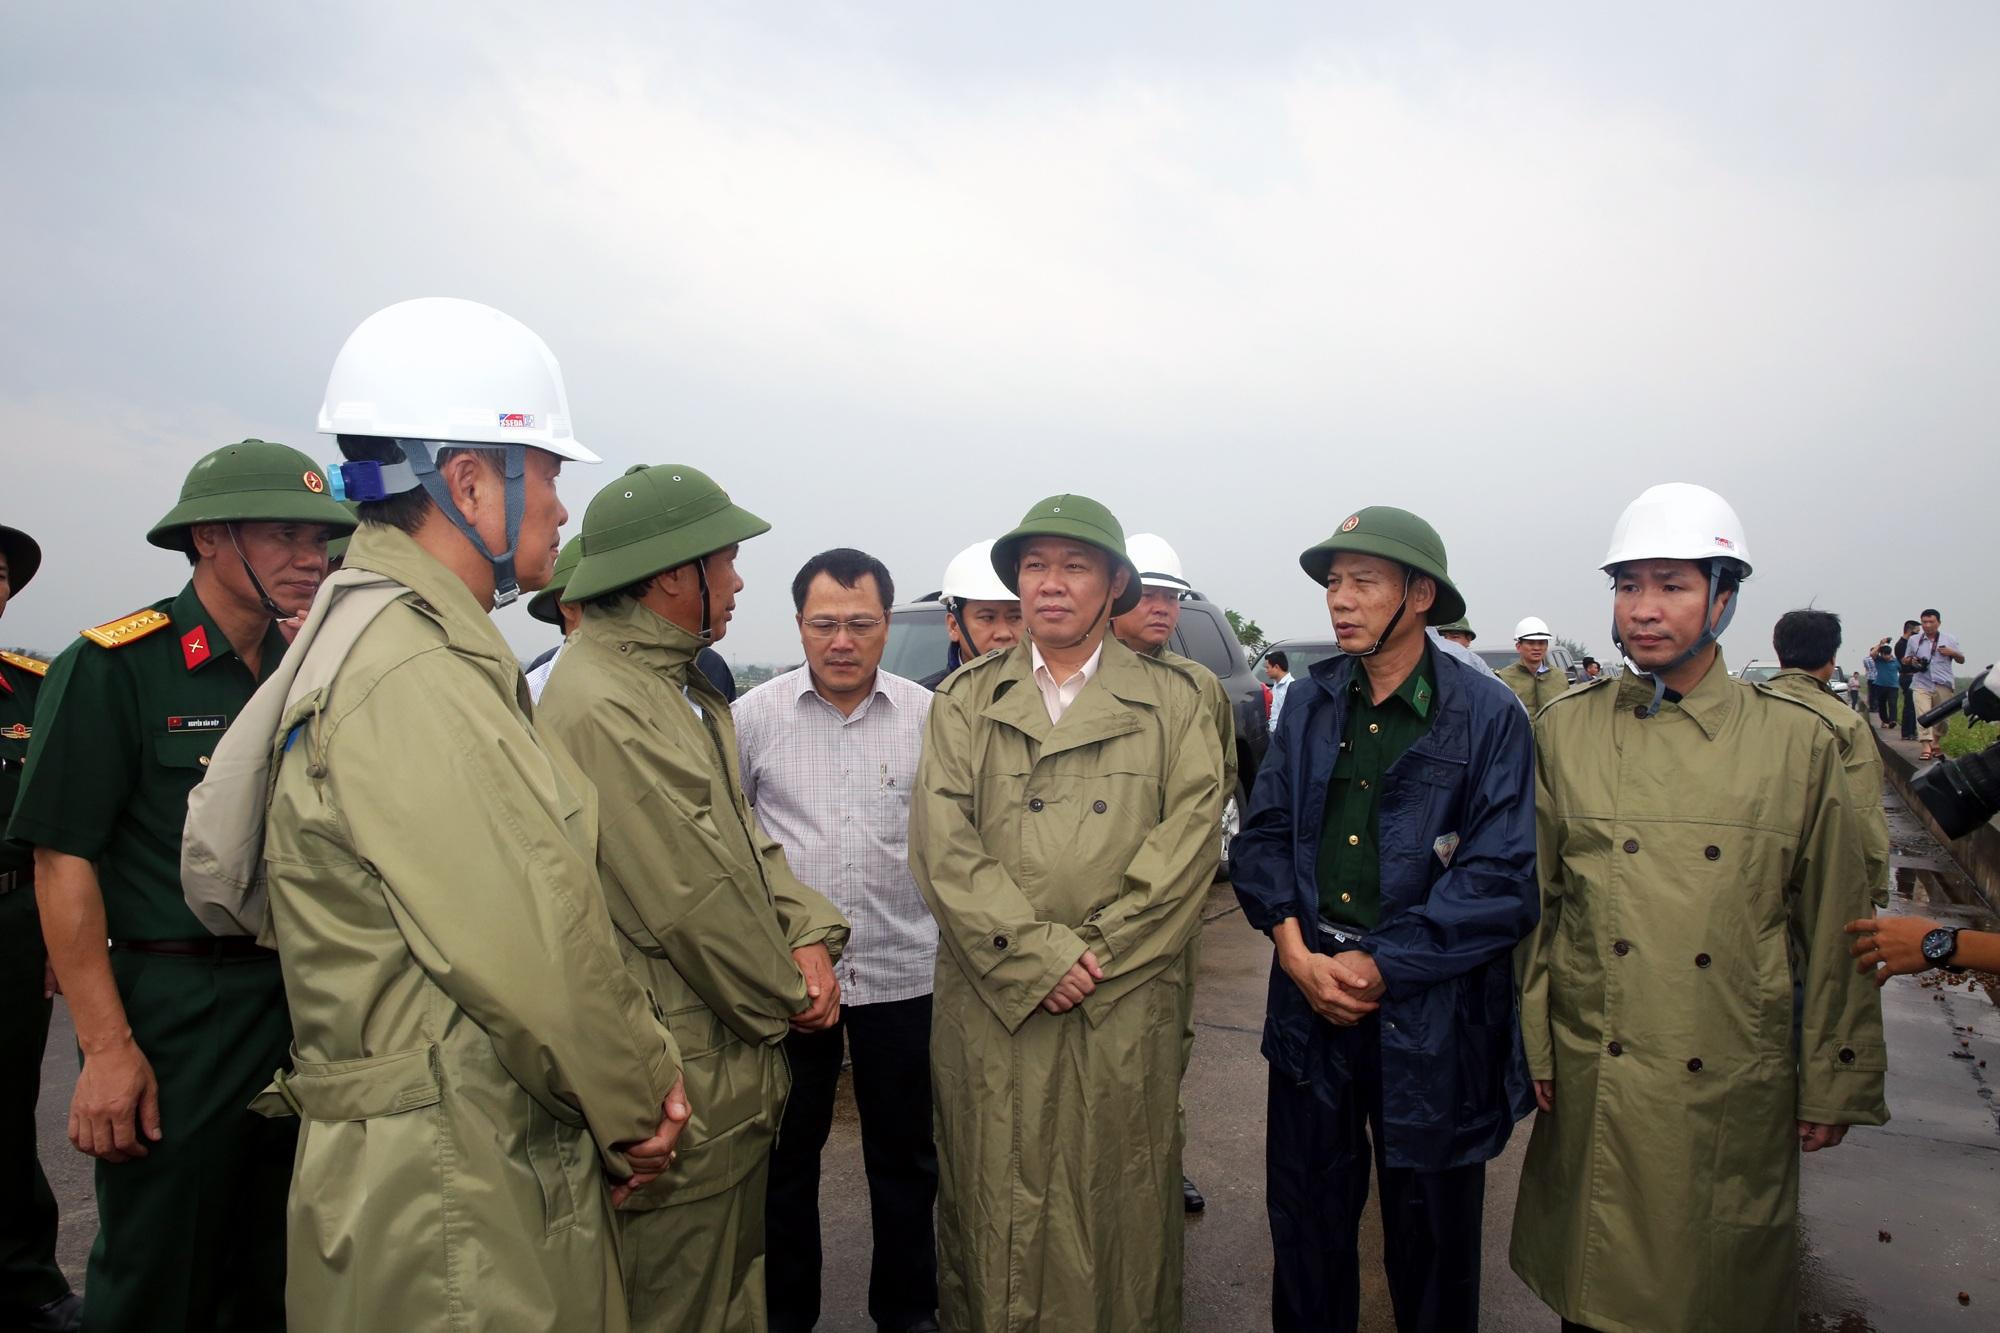 Phó Thủ tướng Vương Đình Huệ chỉ đạo công tác phòng chống và ứng phó với bão số 3 tại Hải Phòng